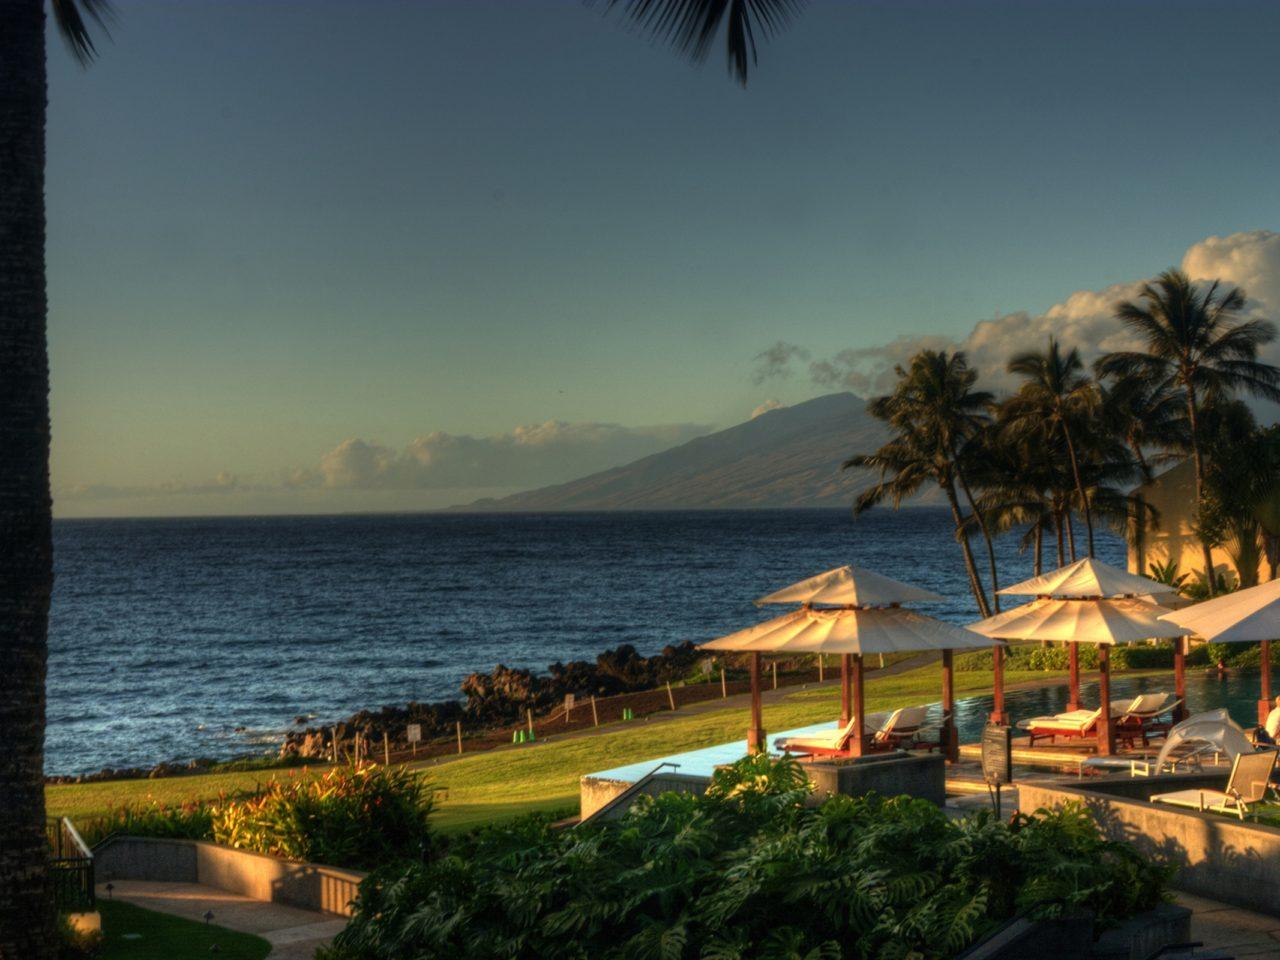 Running Wallpaper Iphone Wailea Maui Hawaii Desktop Background 560636